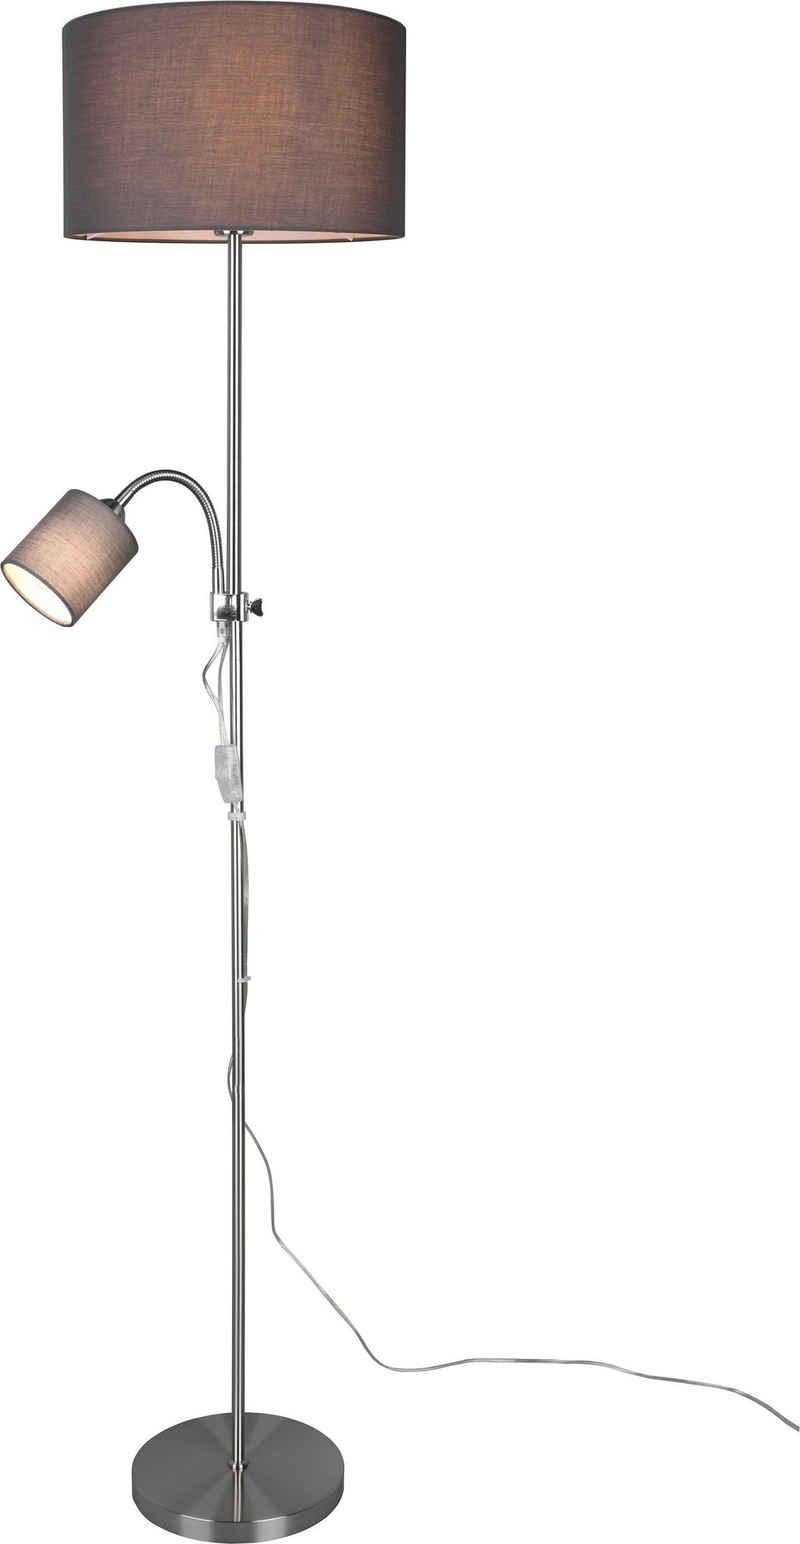 TRIO Leuchten Stehlampe »OWEN«, Getrennt schaltbar, Lesearm flexibel, Höhe 160cm Leuchtmittel frei wählbar (1xE27/1xE14)